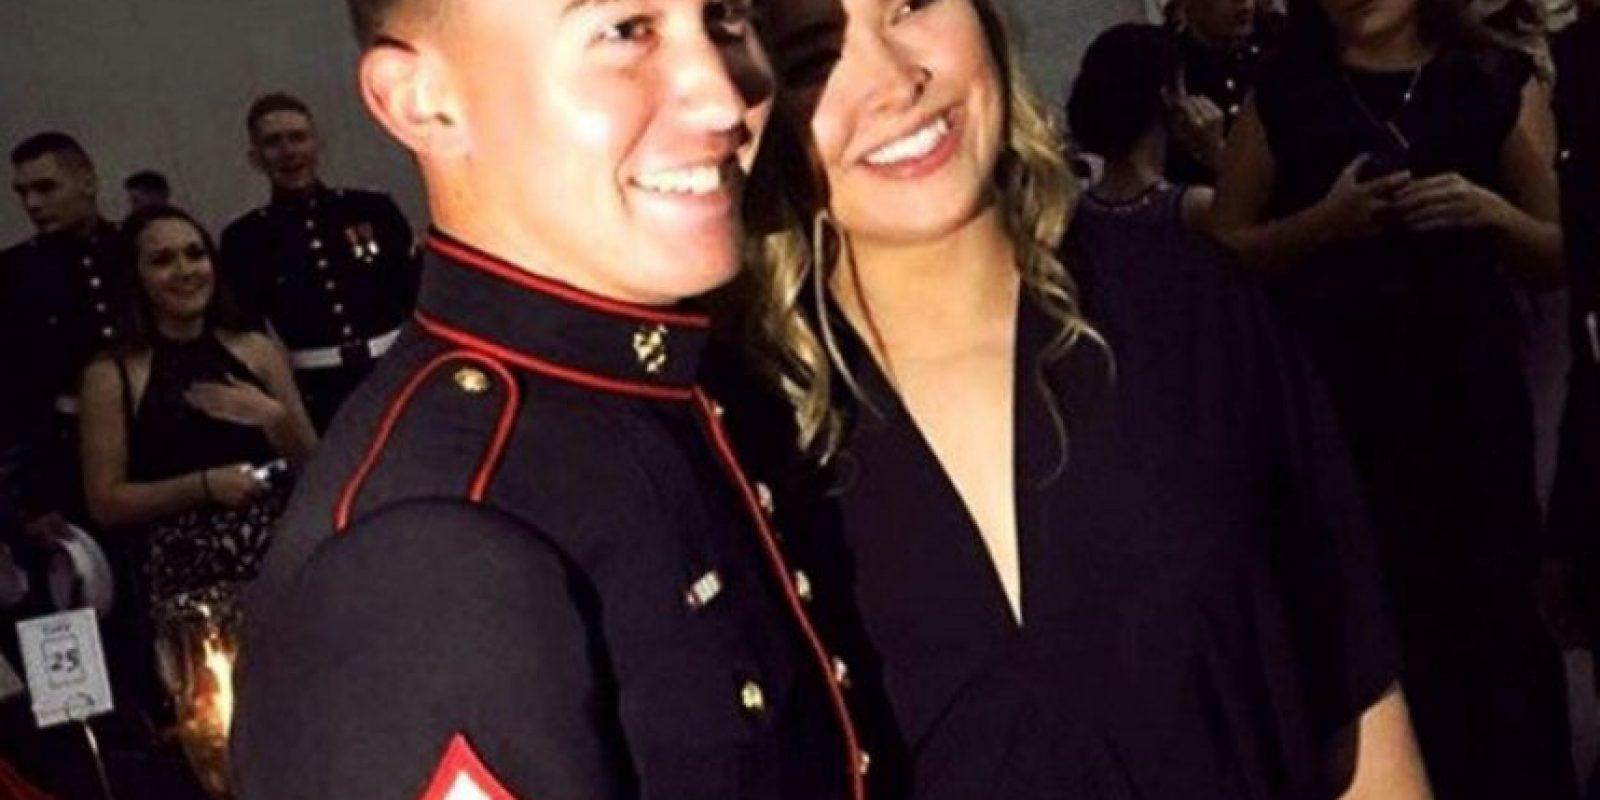 ¡Cumplió! A pesar de estar lesionada de la mandíbula, y ser derrotada por Holly Holm hace un mes, Ronda Rousey acompañó a un joven marino a su baile anual. Foto:Vía instagram.com/rondarousey